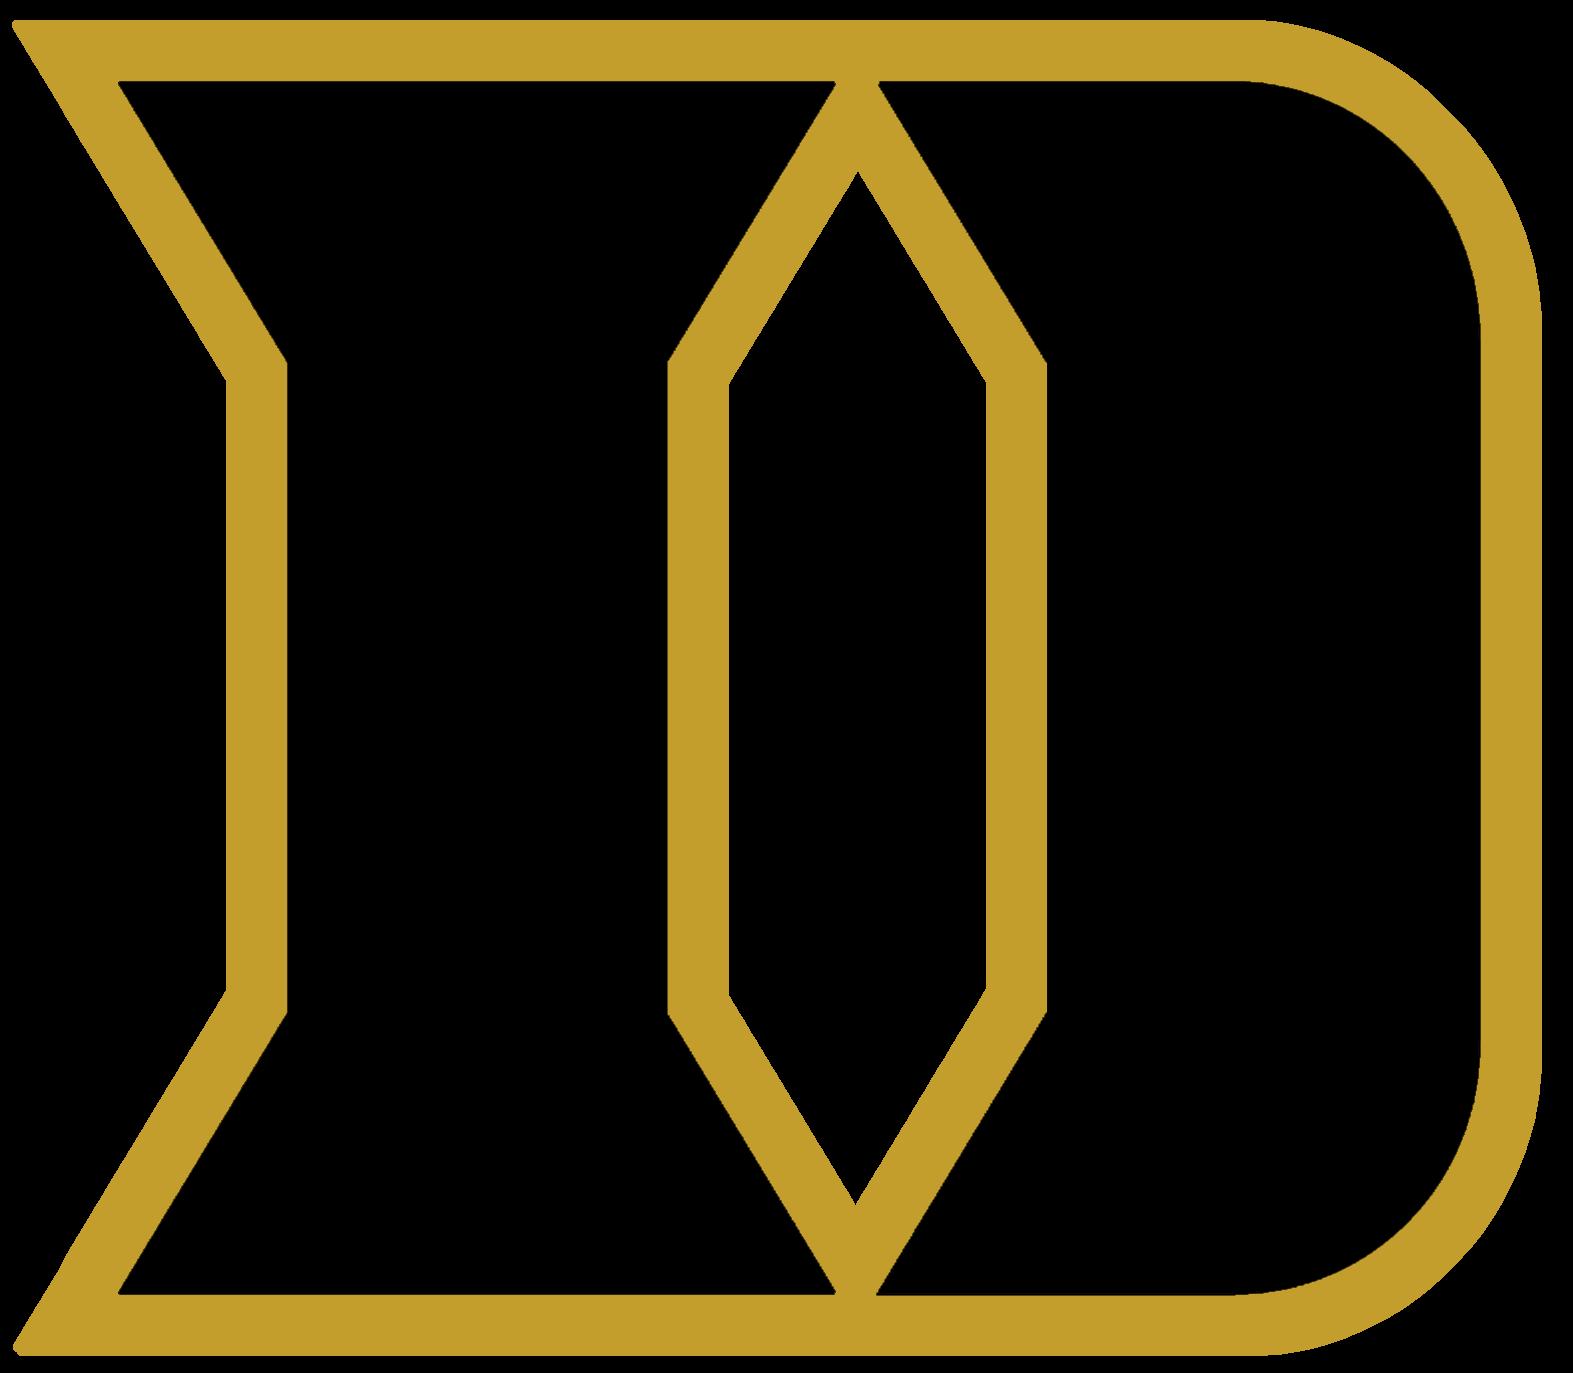 Macintosh HD:Users:kworley:Dropbox:Principal's Folder:Logos:DCS D Logo.png